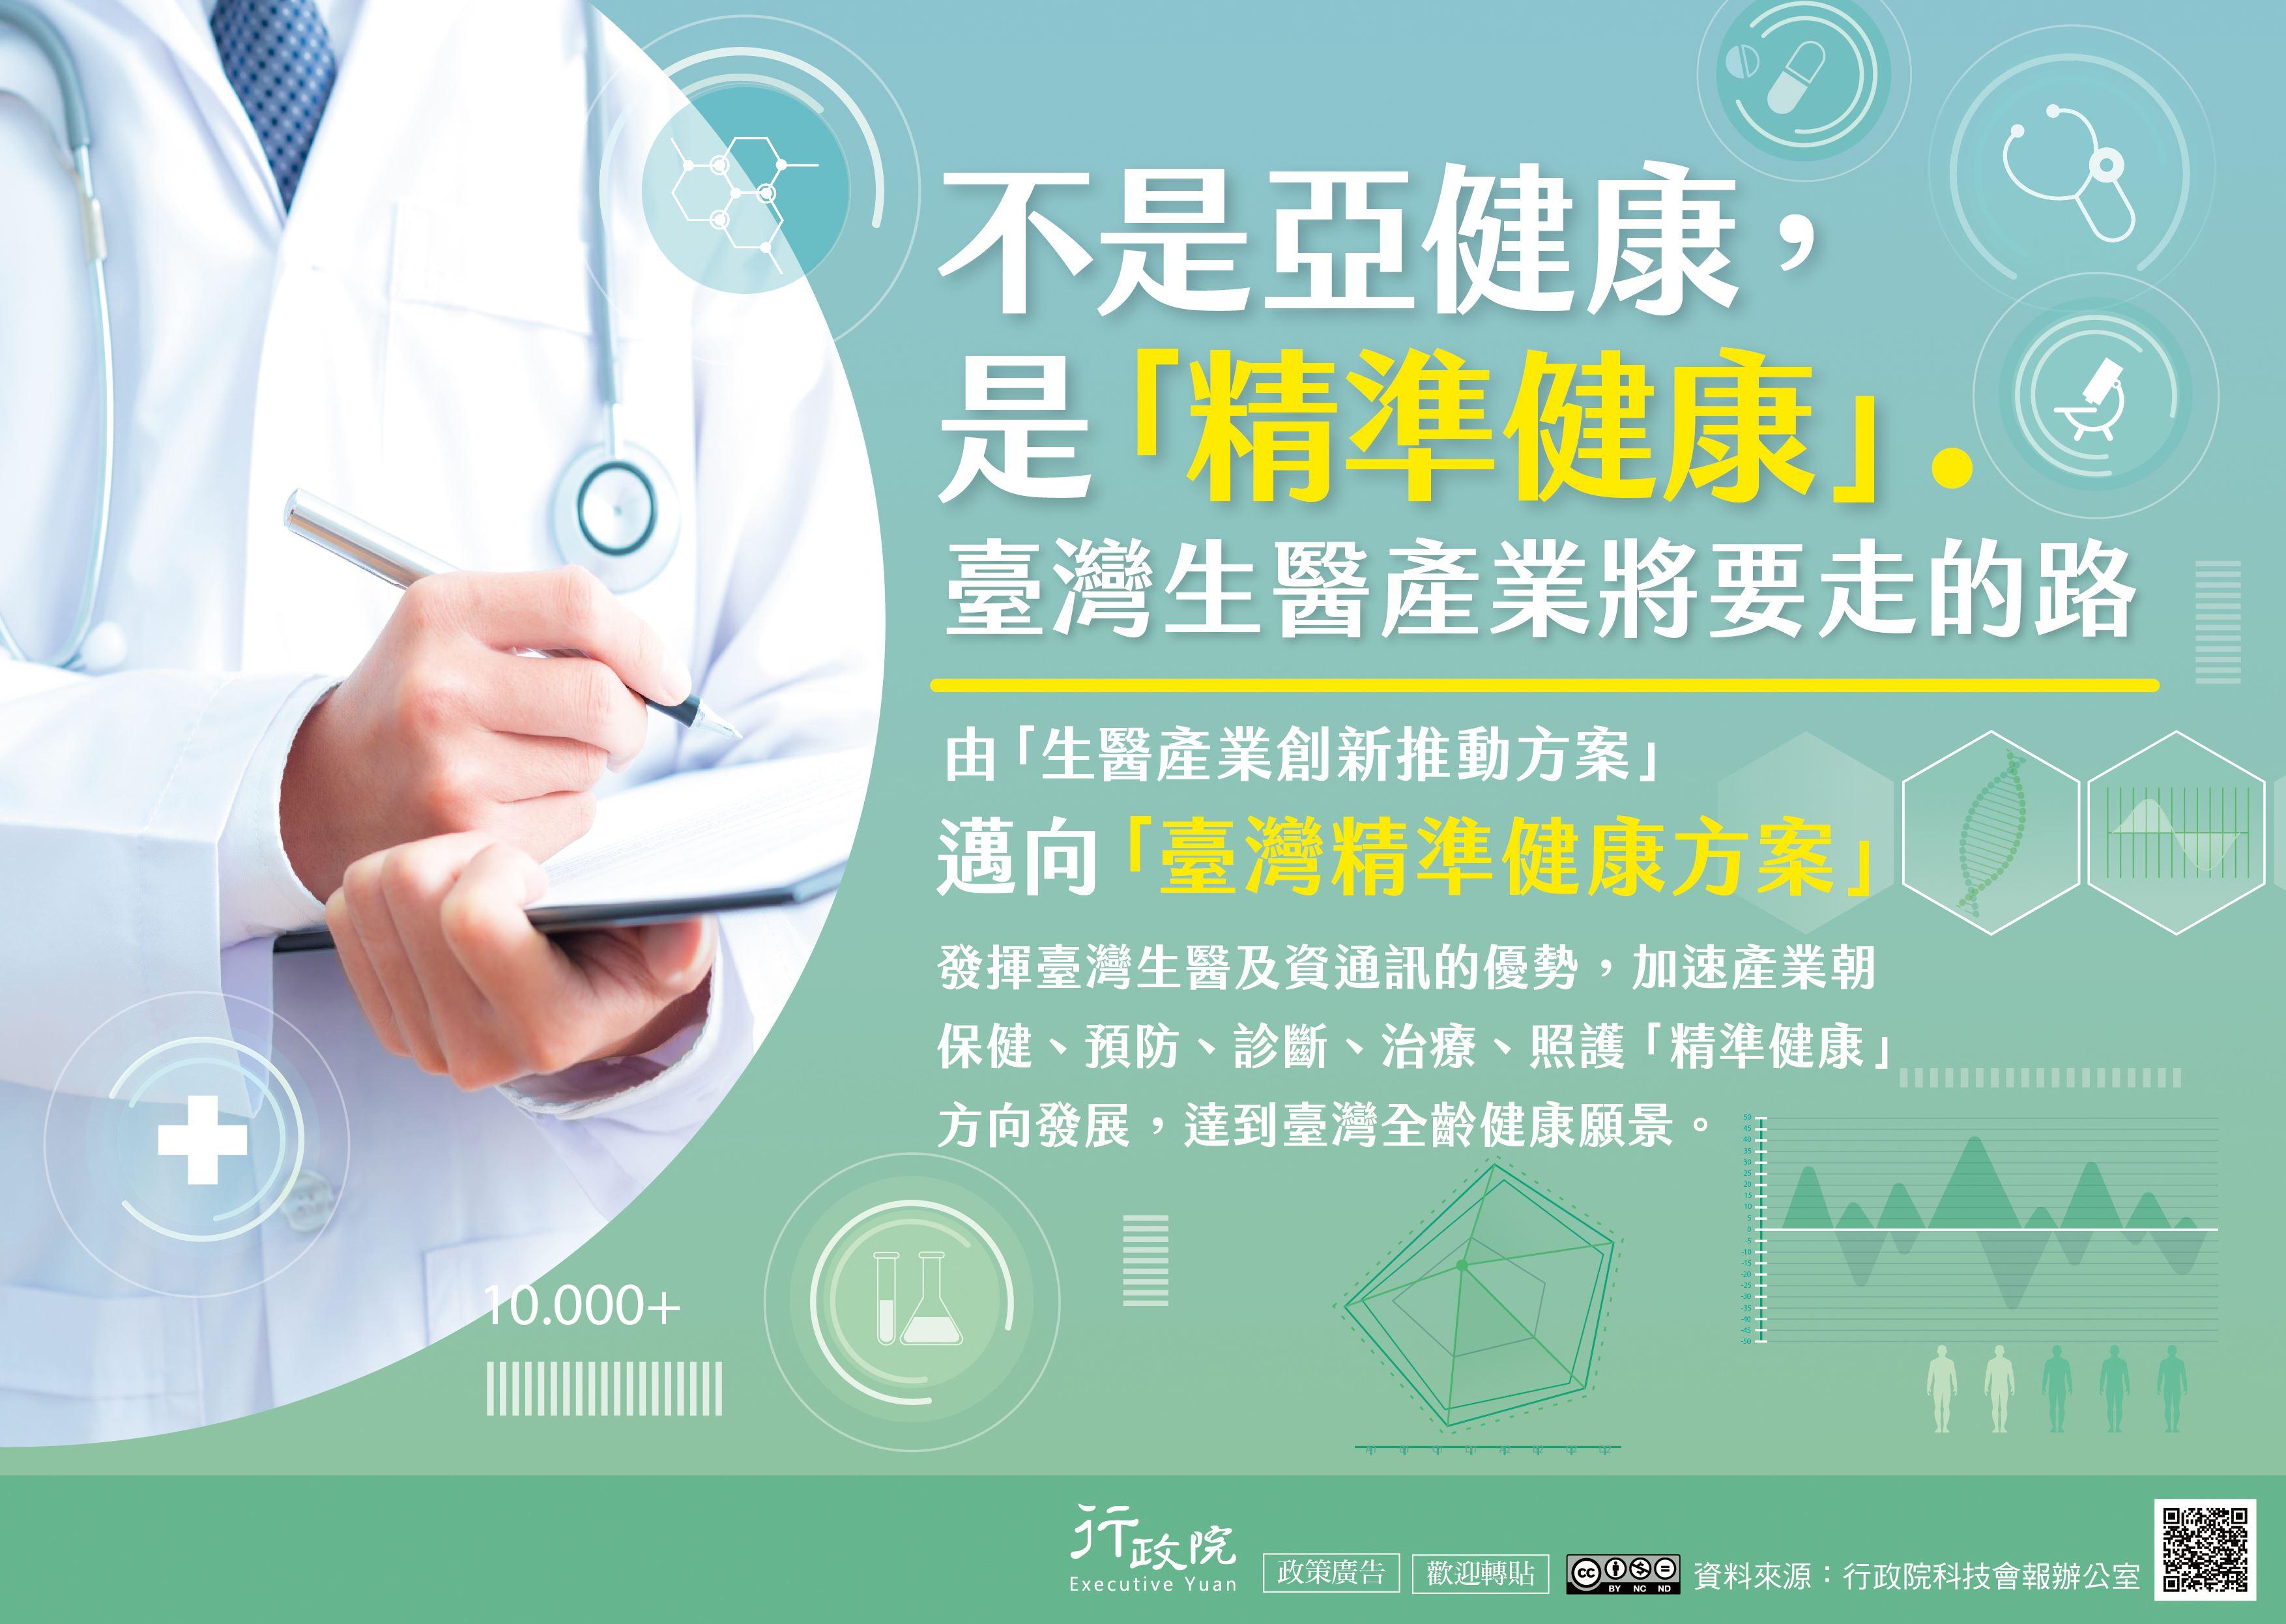 行政院「生醫產業創新推動方案」政策溝通電子單張文宣